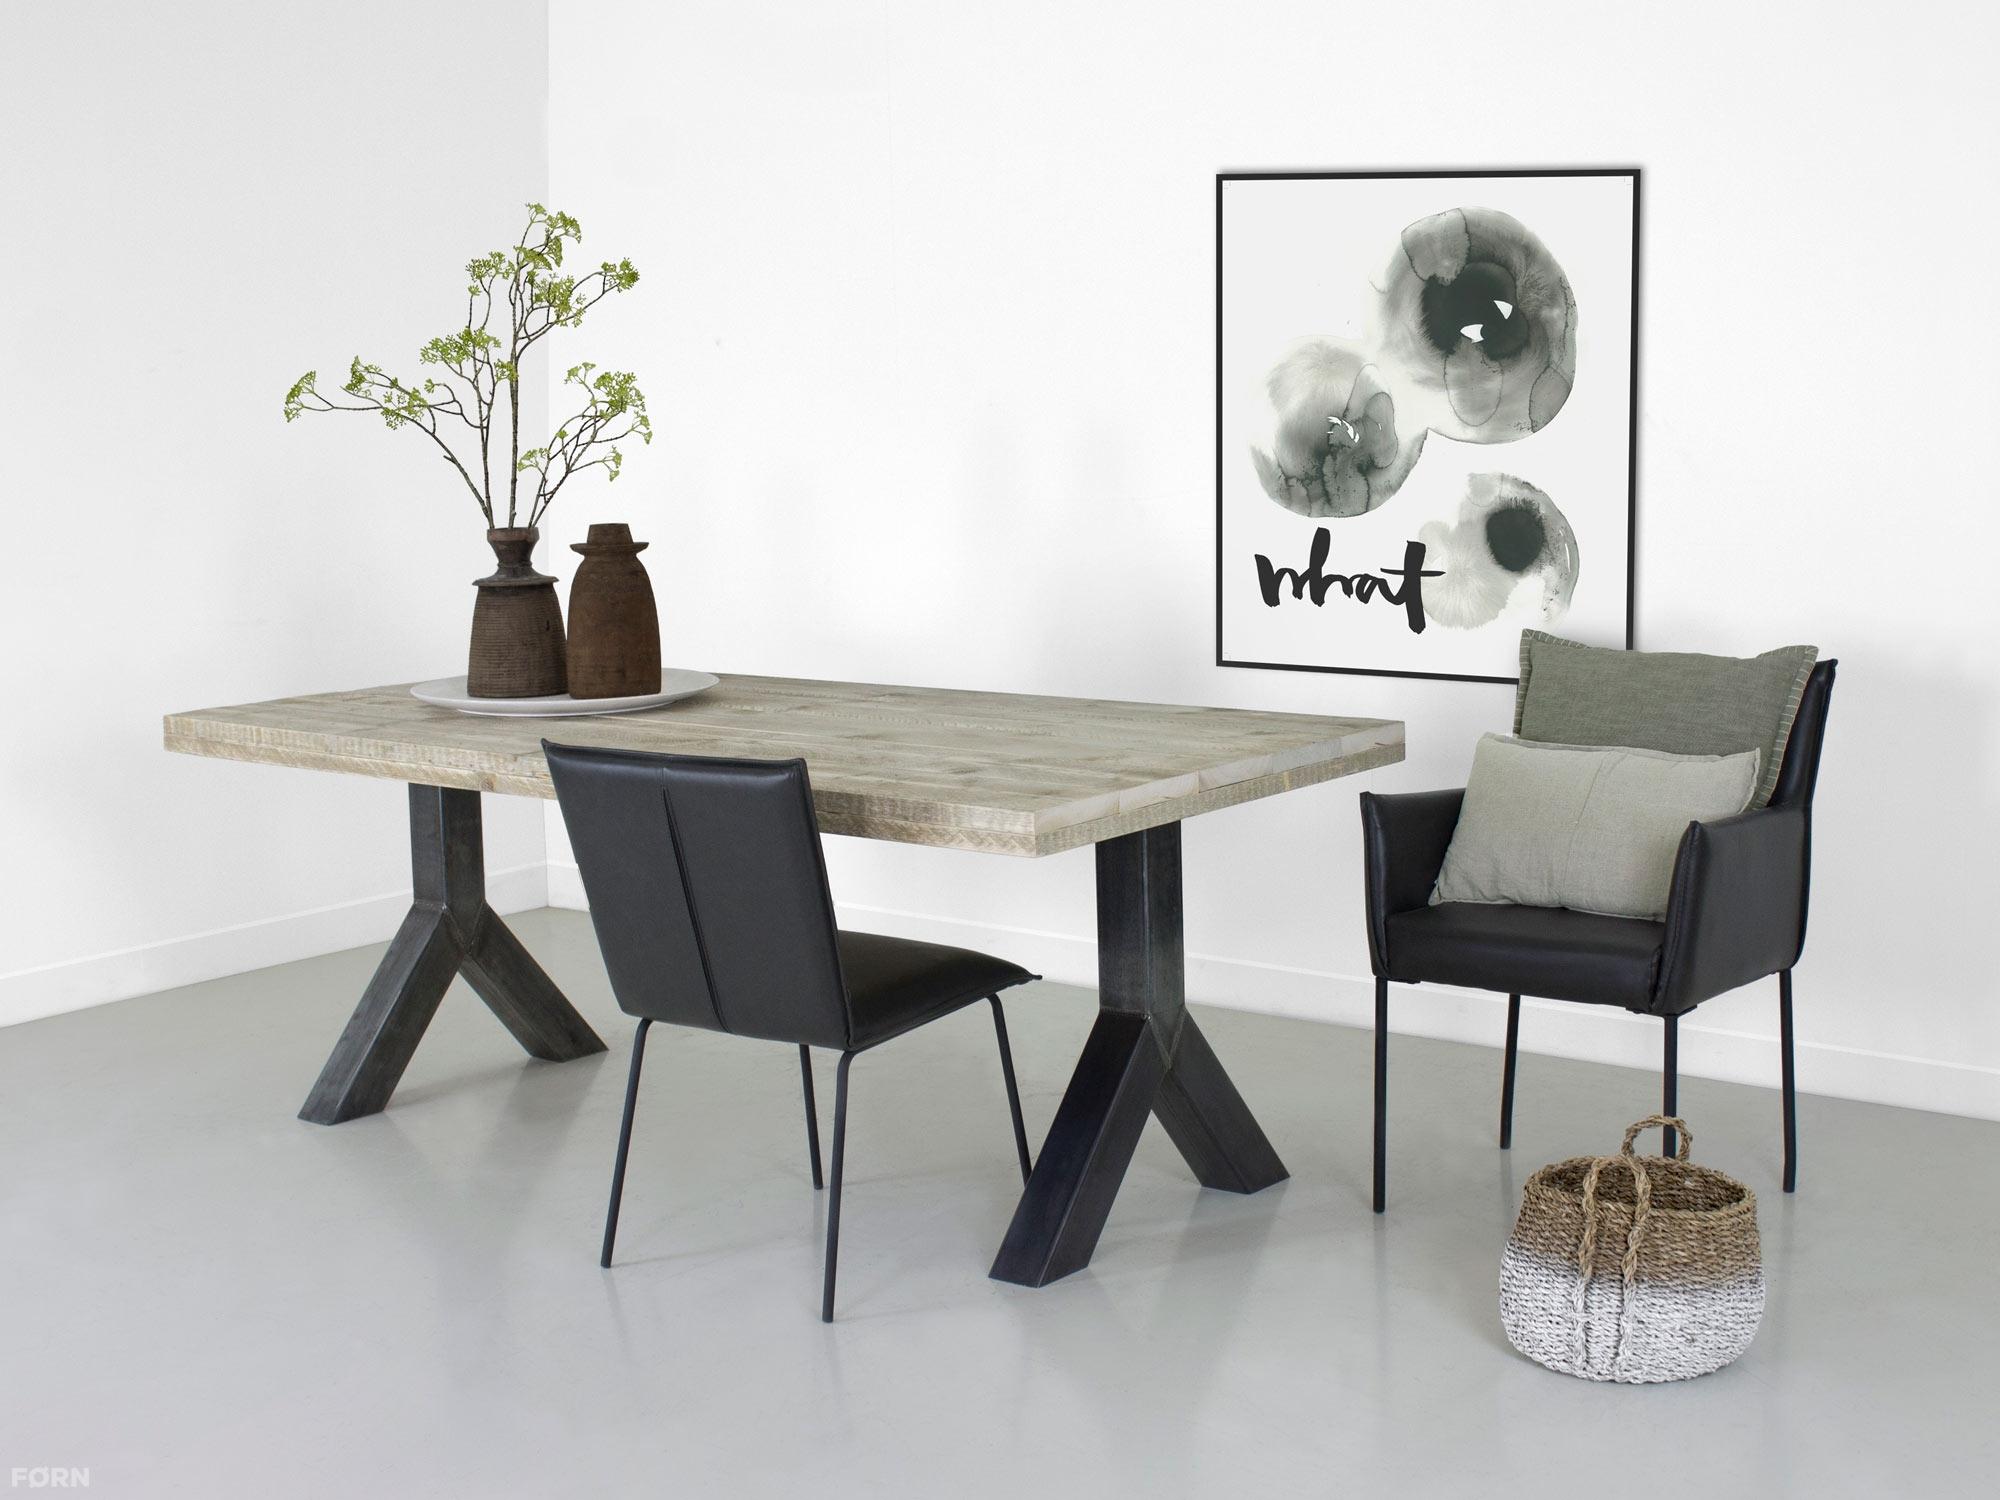 Stalen Onderstel Tafel : Steigerhouten tafel yaren met stalen onderstel bauholzmoebeldesign.de